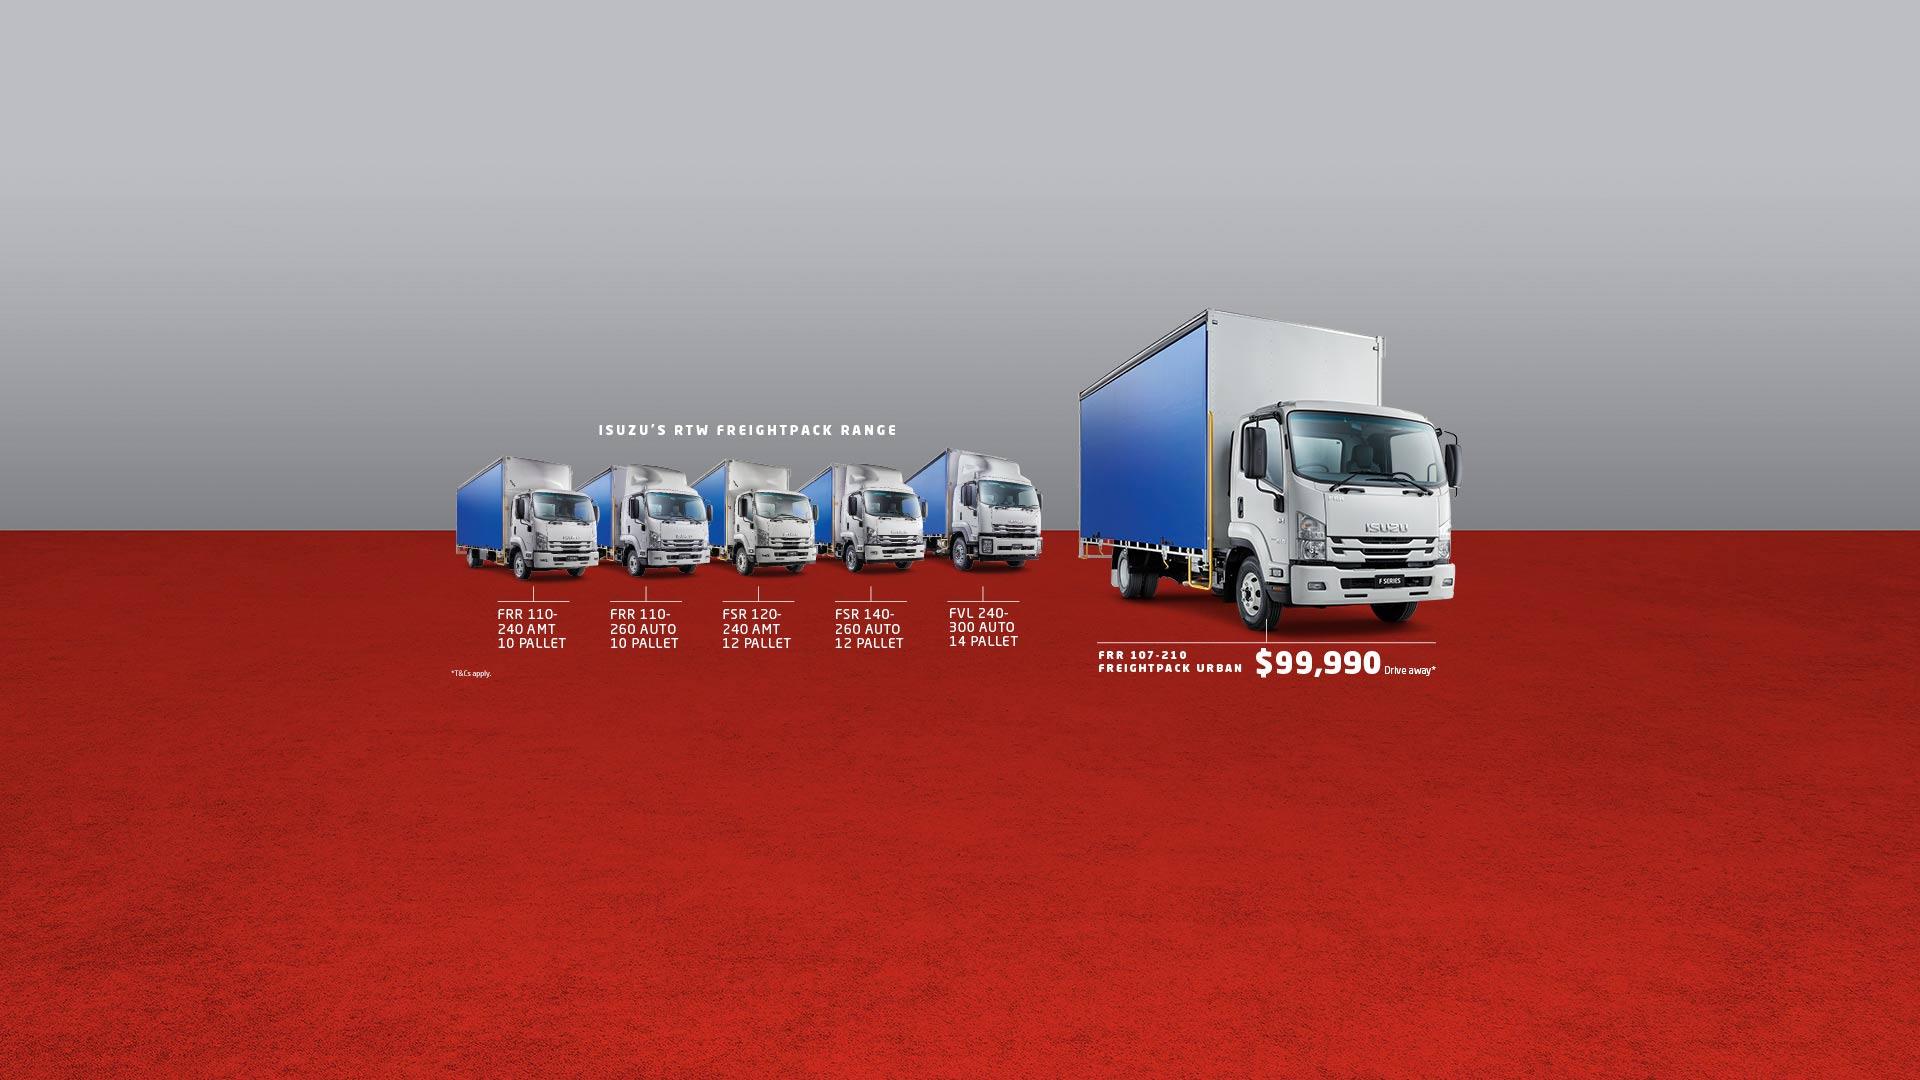 Isuzu RTW Freightpack Range